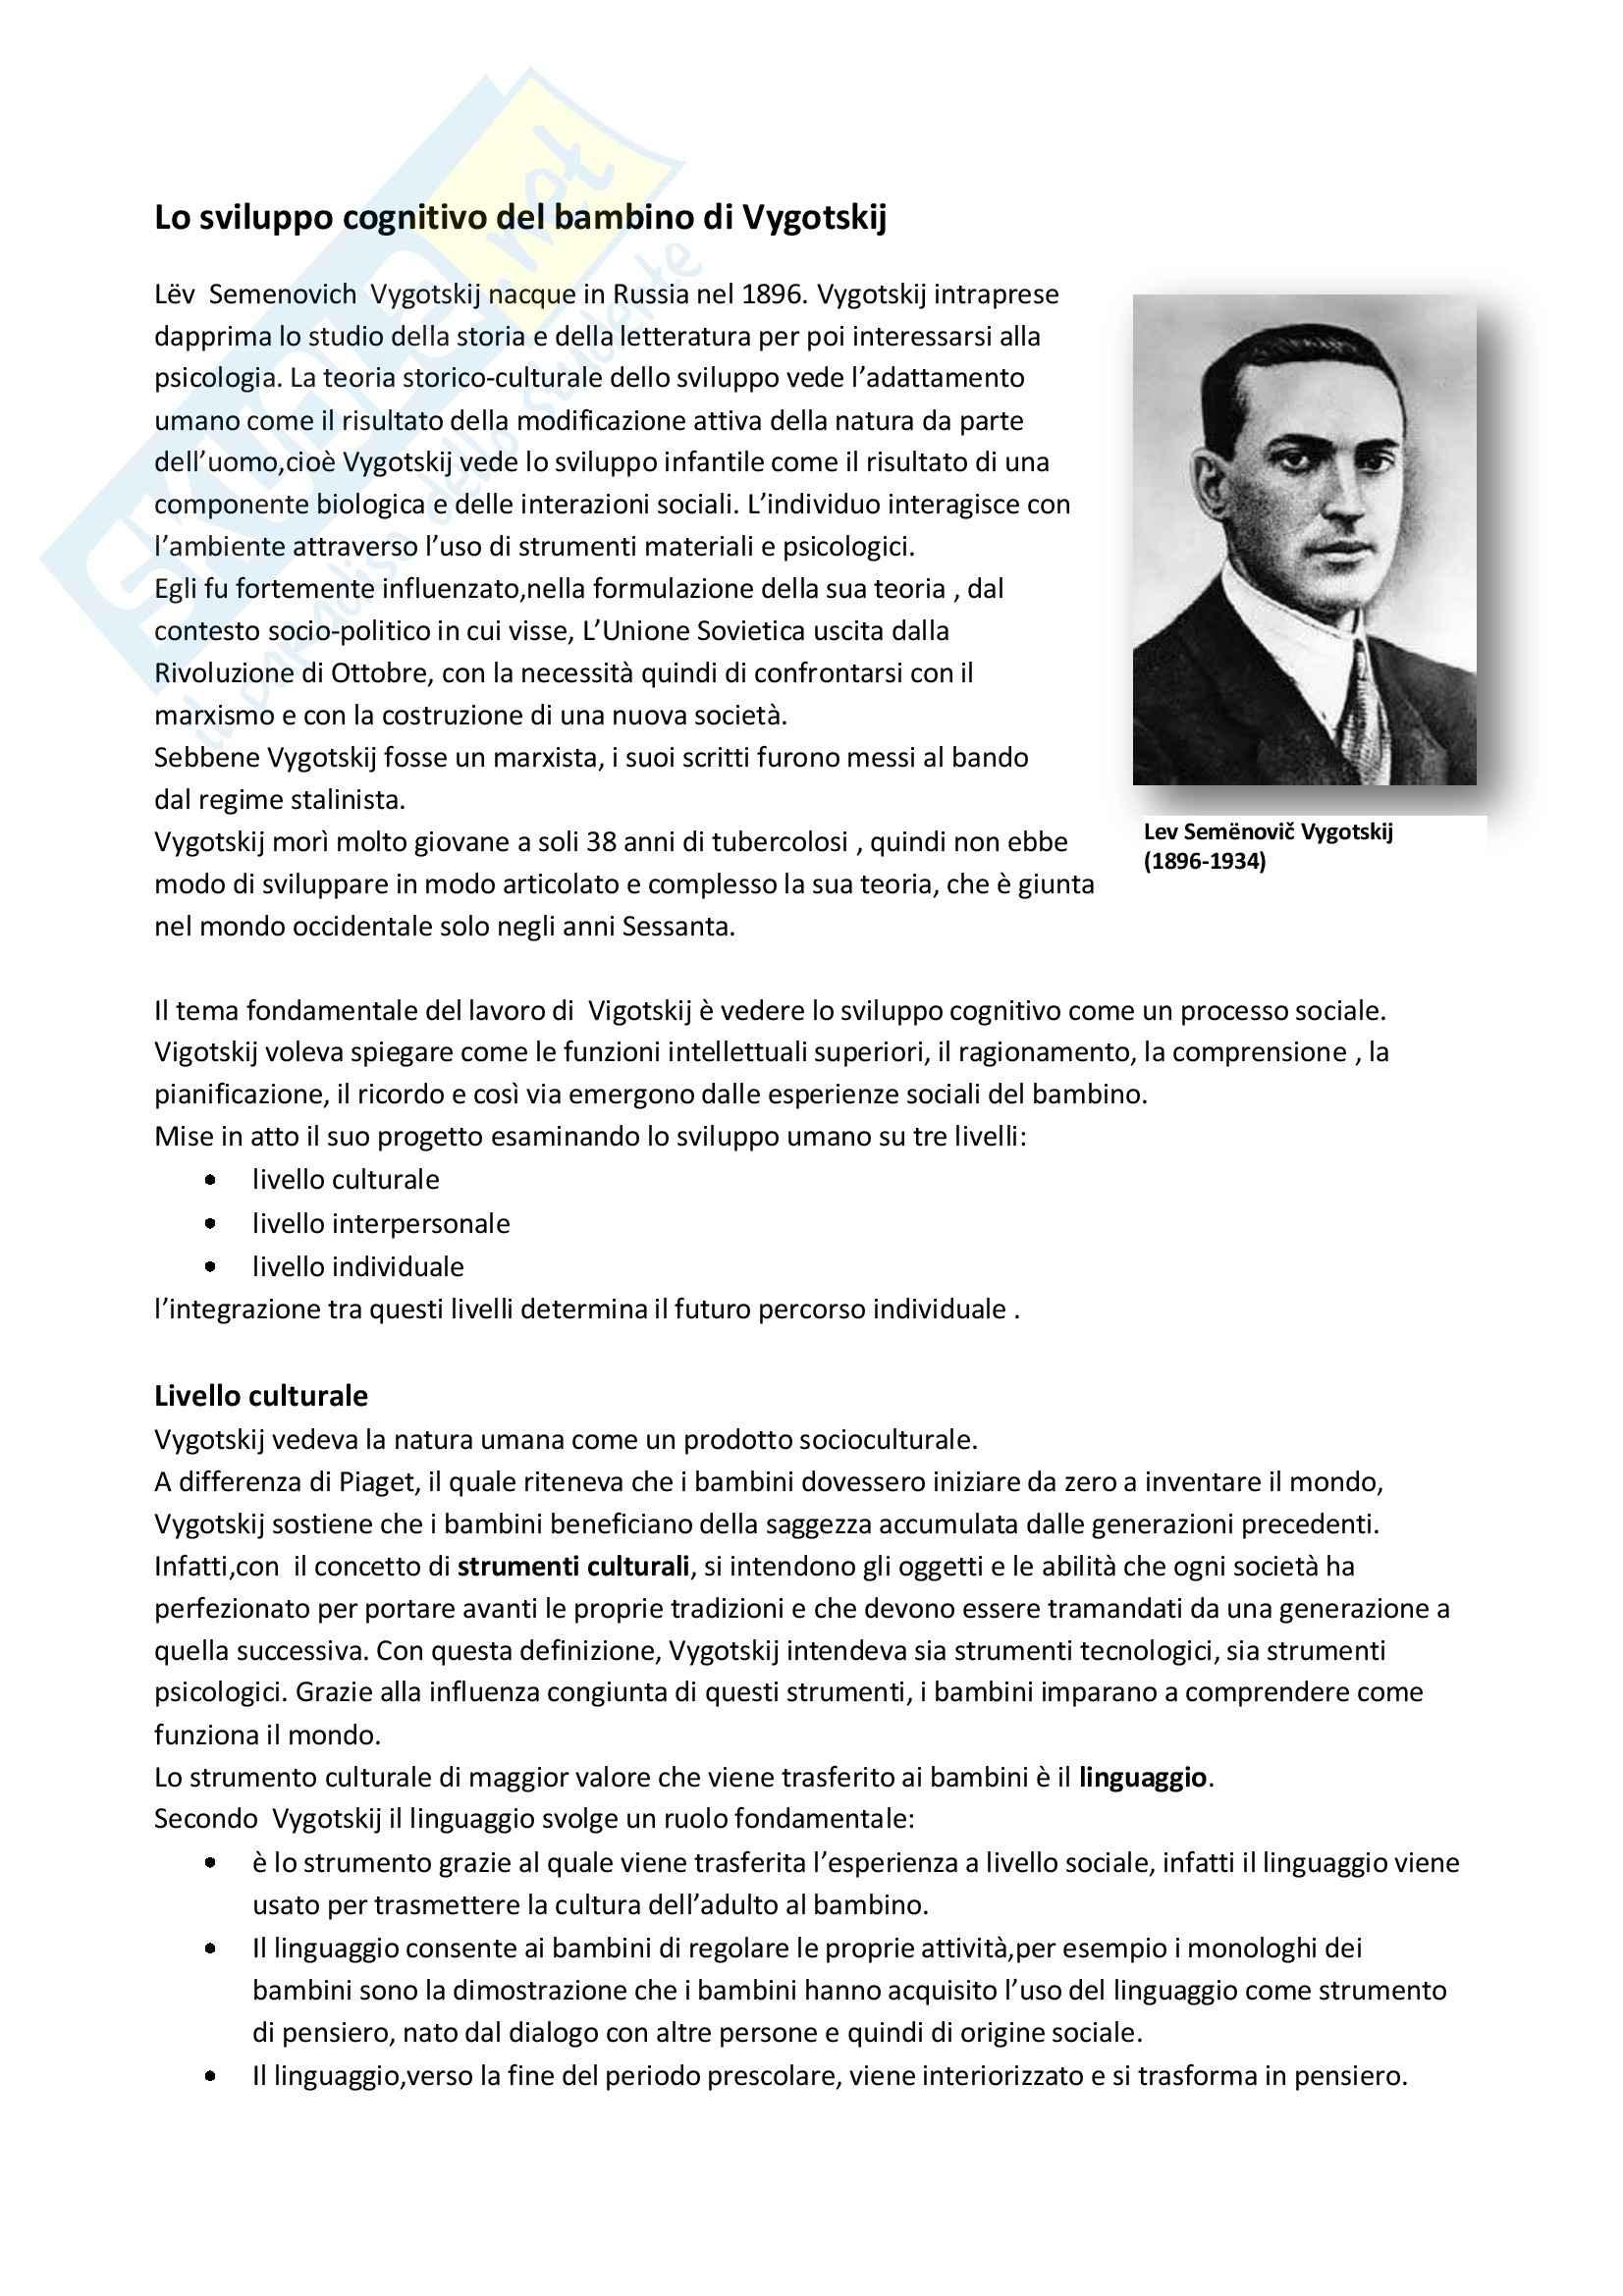 Teoria di Vygotskij sullo sviluppo cognitivo del bambino, Psicologia dello sviluppo